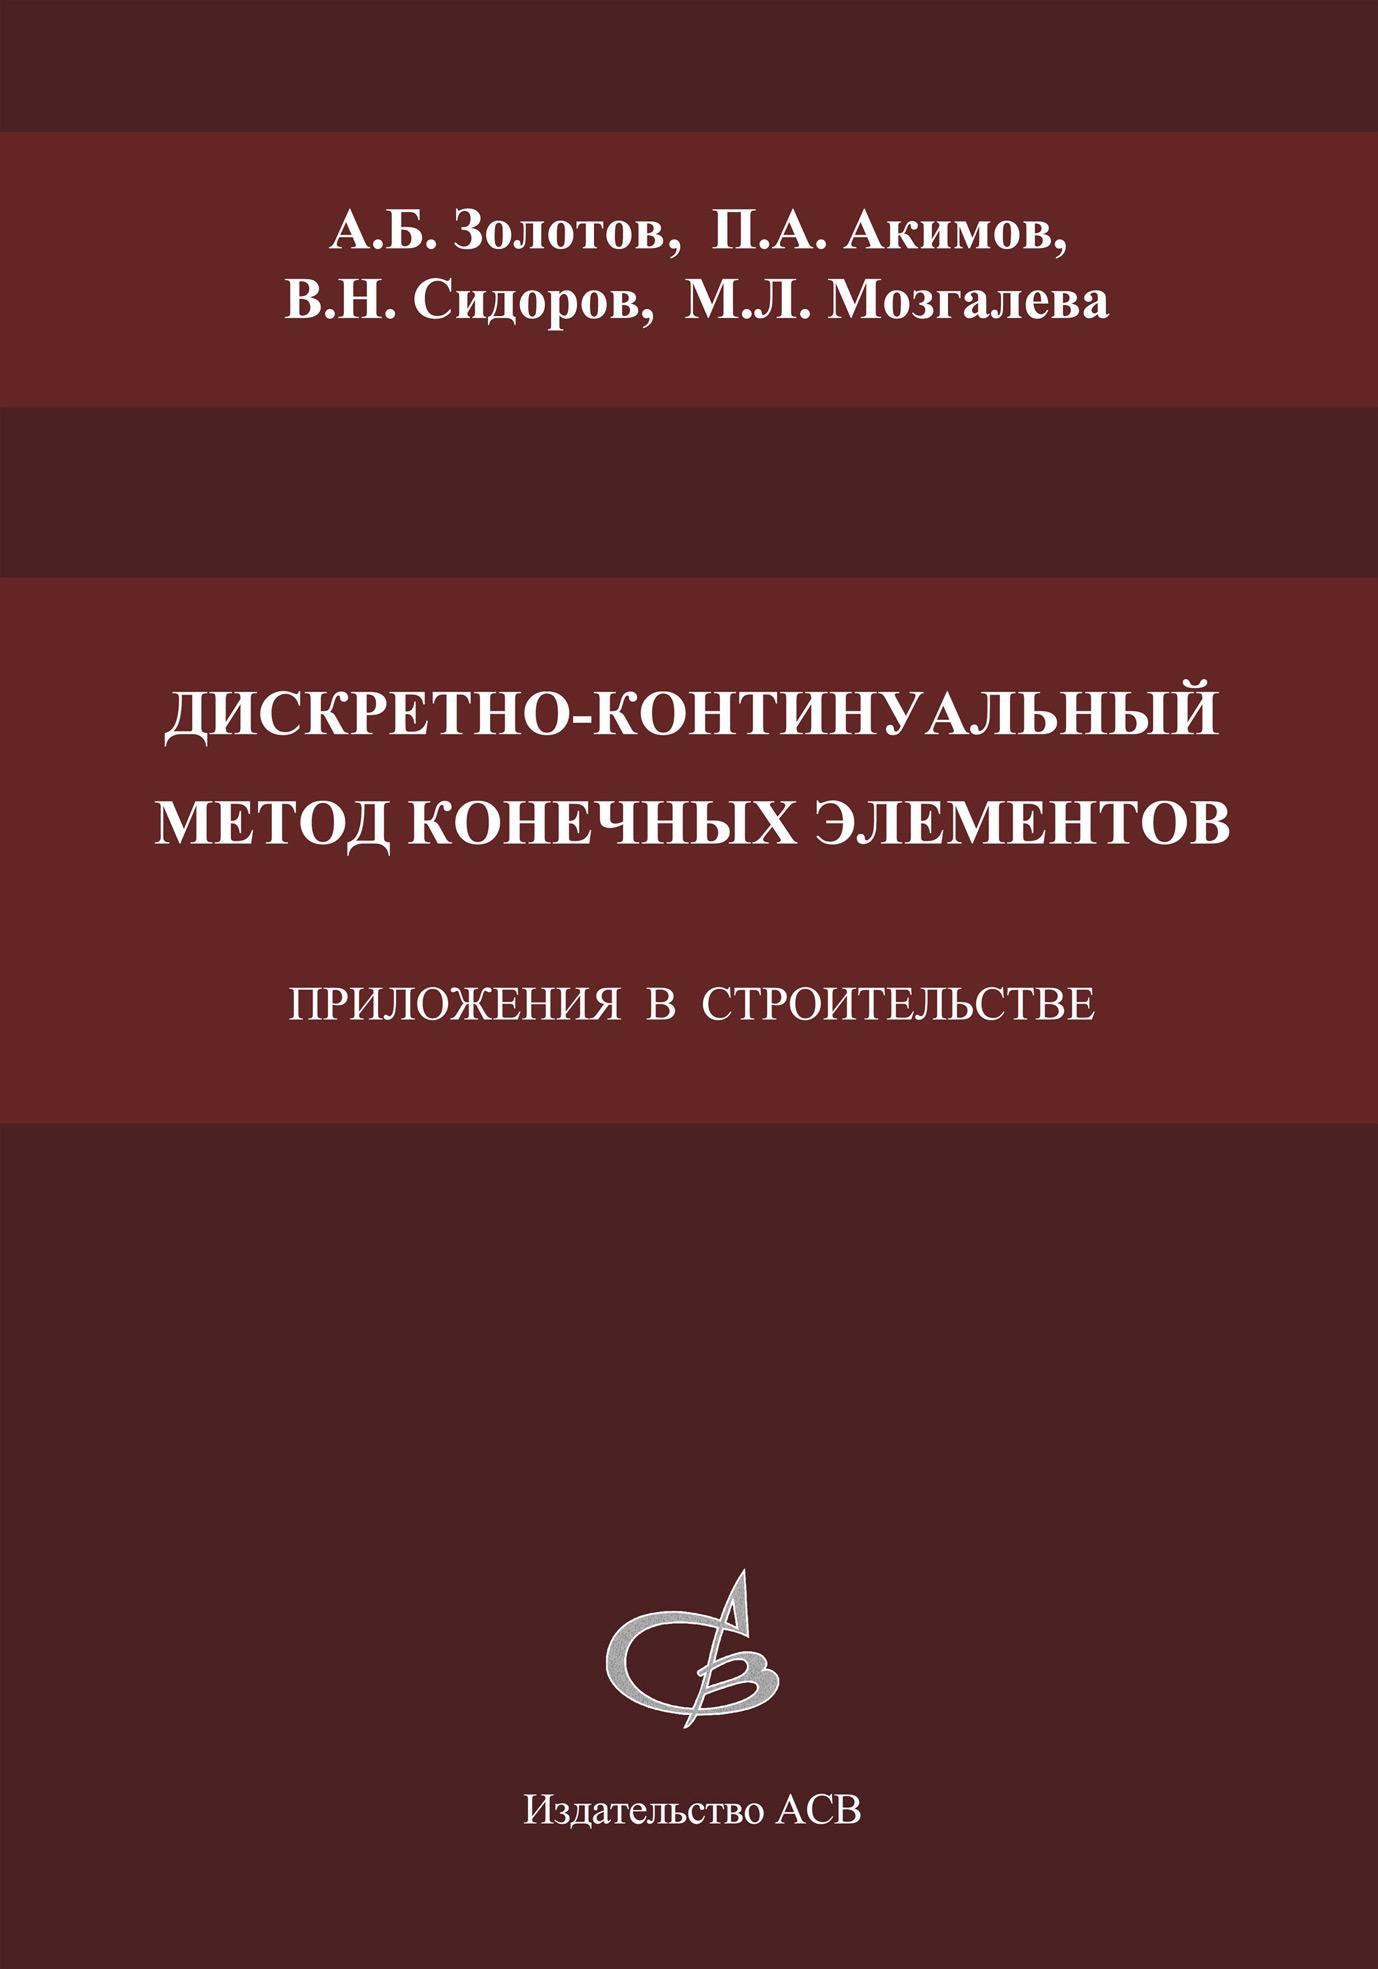 В. Н. Сидоров Дискретно-континуальный метод конечных элементов. Приложения в строительстве